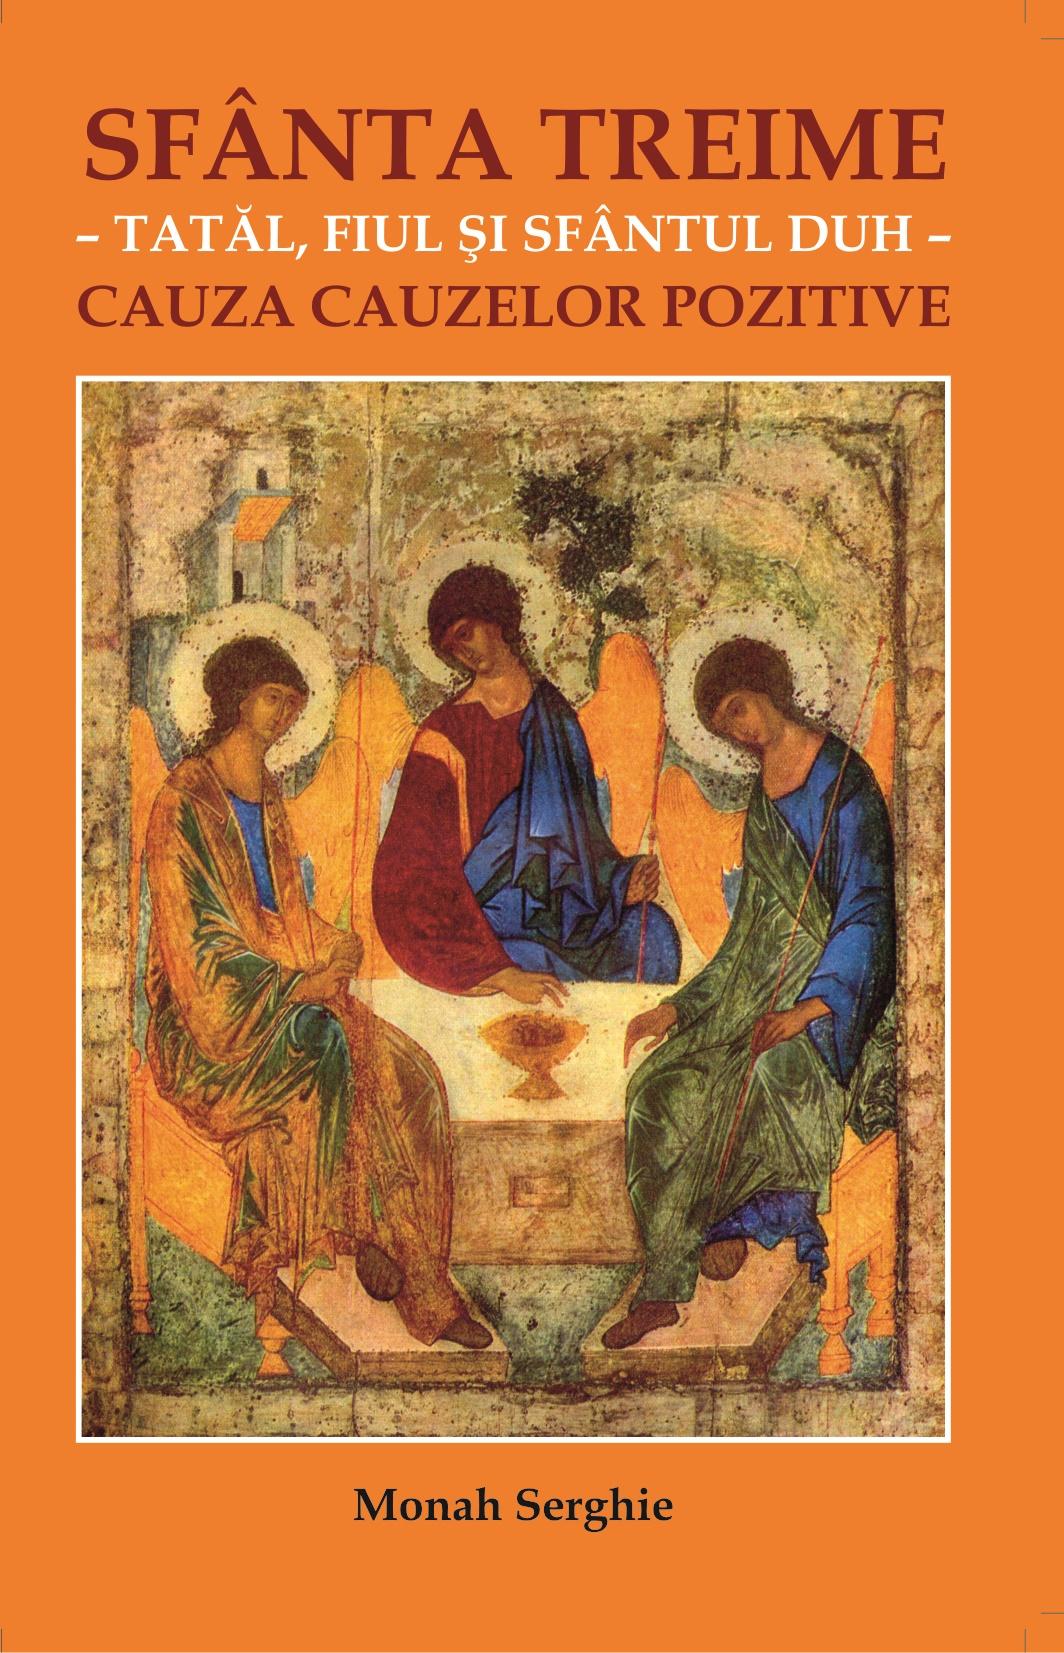 Sfânta Treime-Tatăl, Fiul și Sfântul Duh- cauza cauzelor pozitive